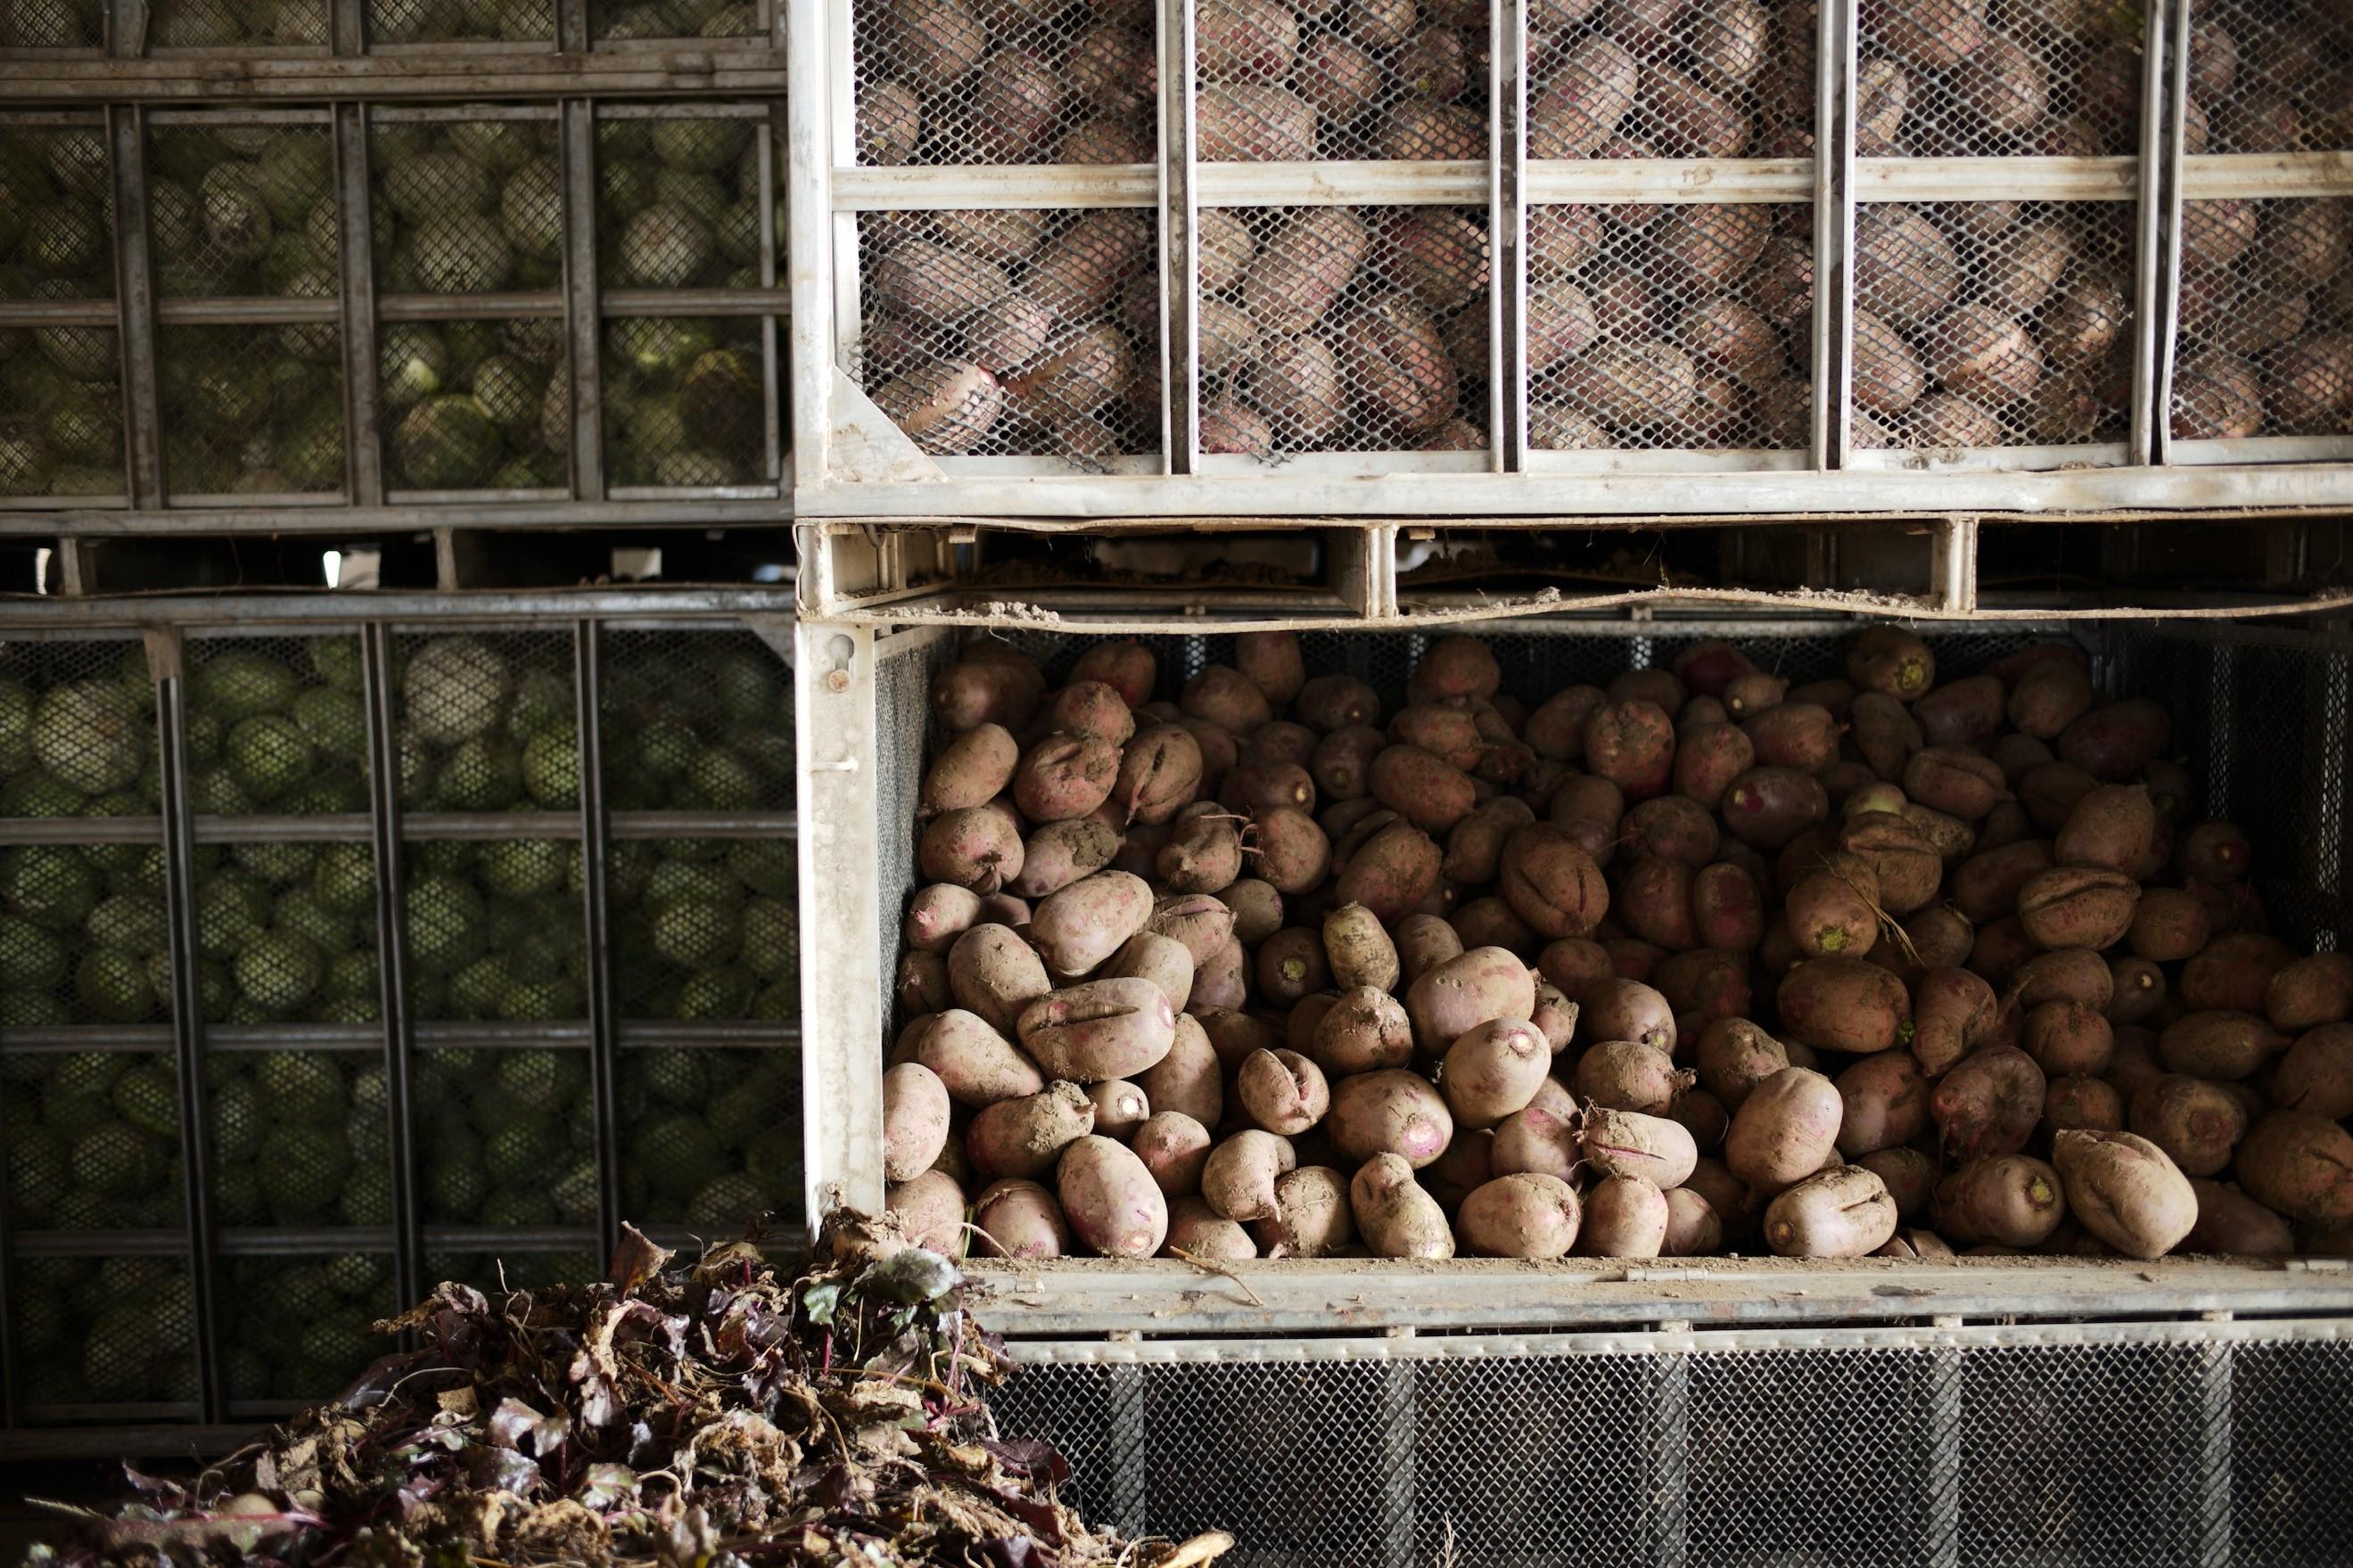 アイスシェルター内の大根やキャベツたちは、貯蔵することで糖度が増す